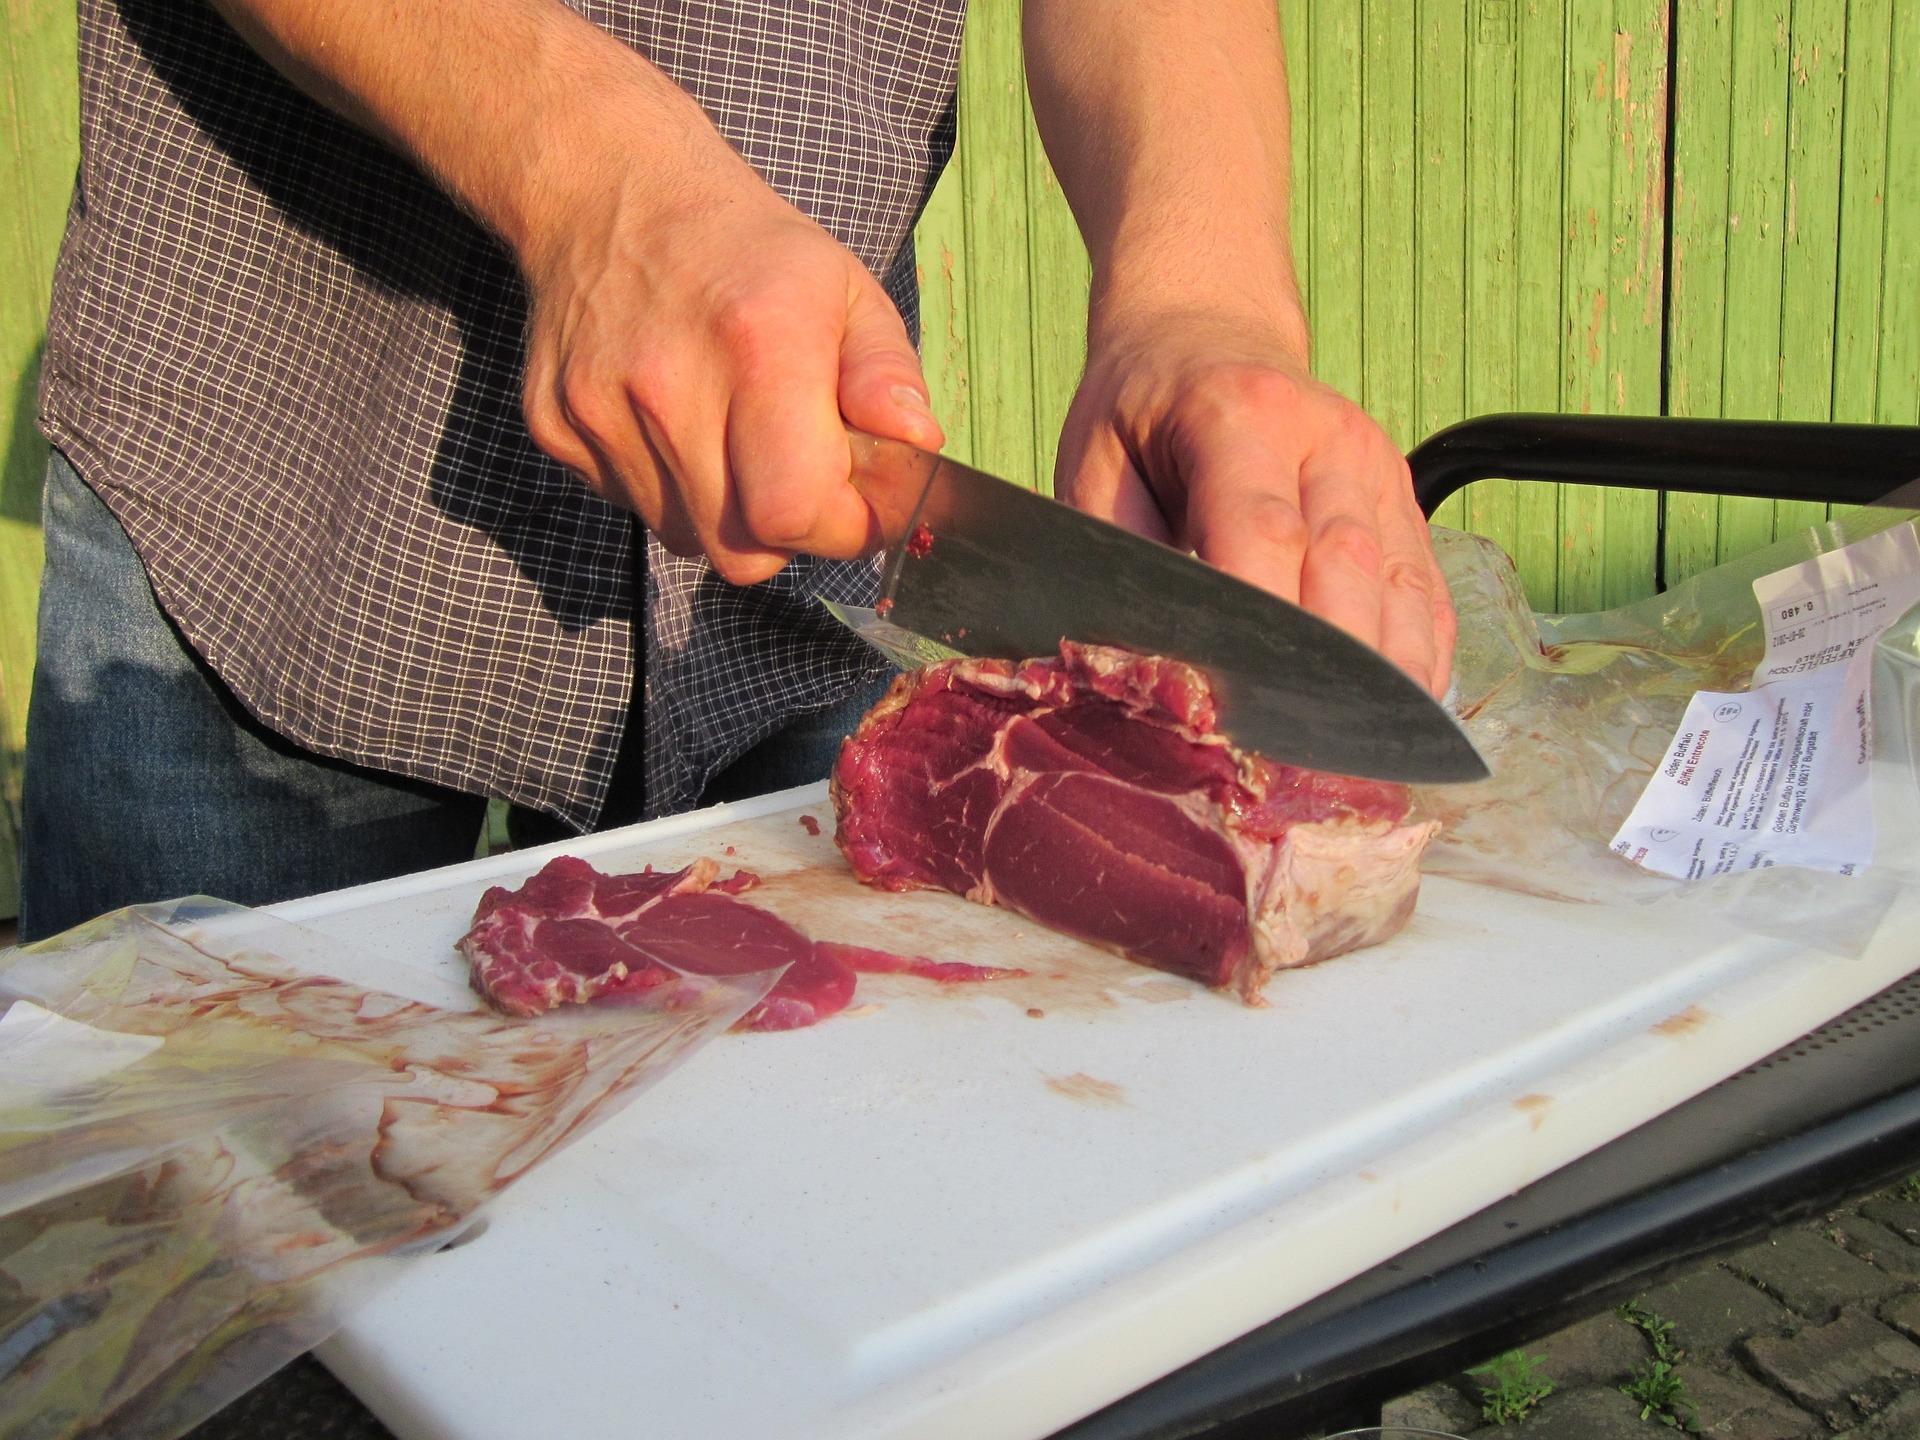 Imagem mostra um homem usando uma faca para cortar um pedaço de carne.